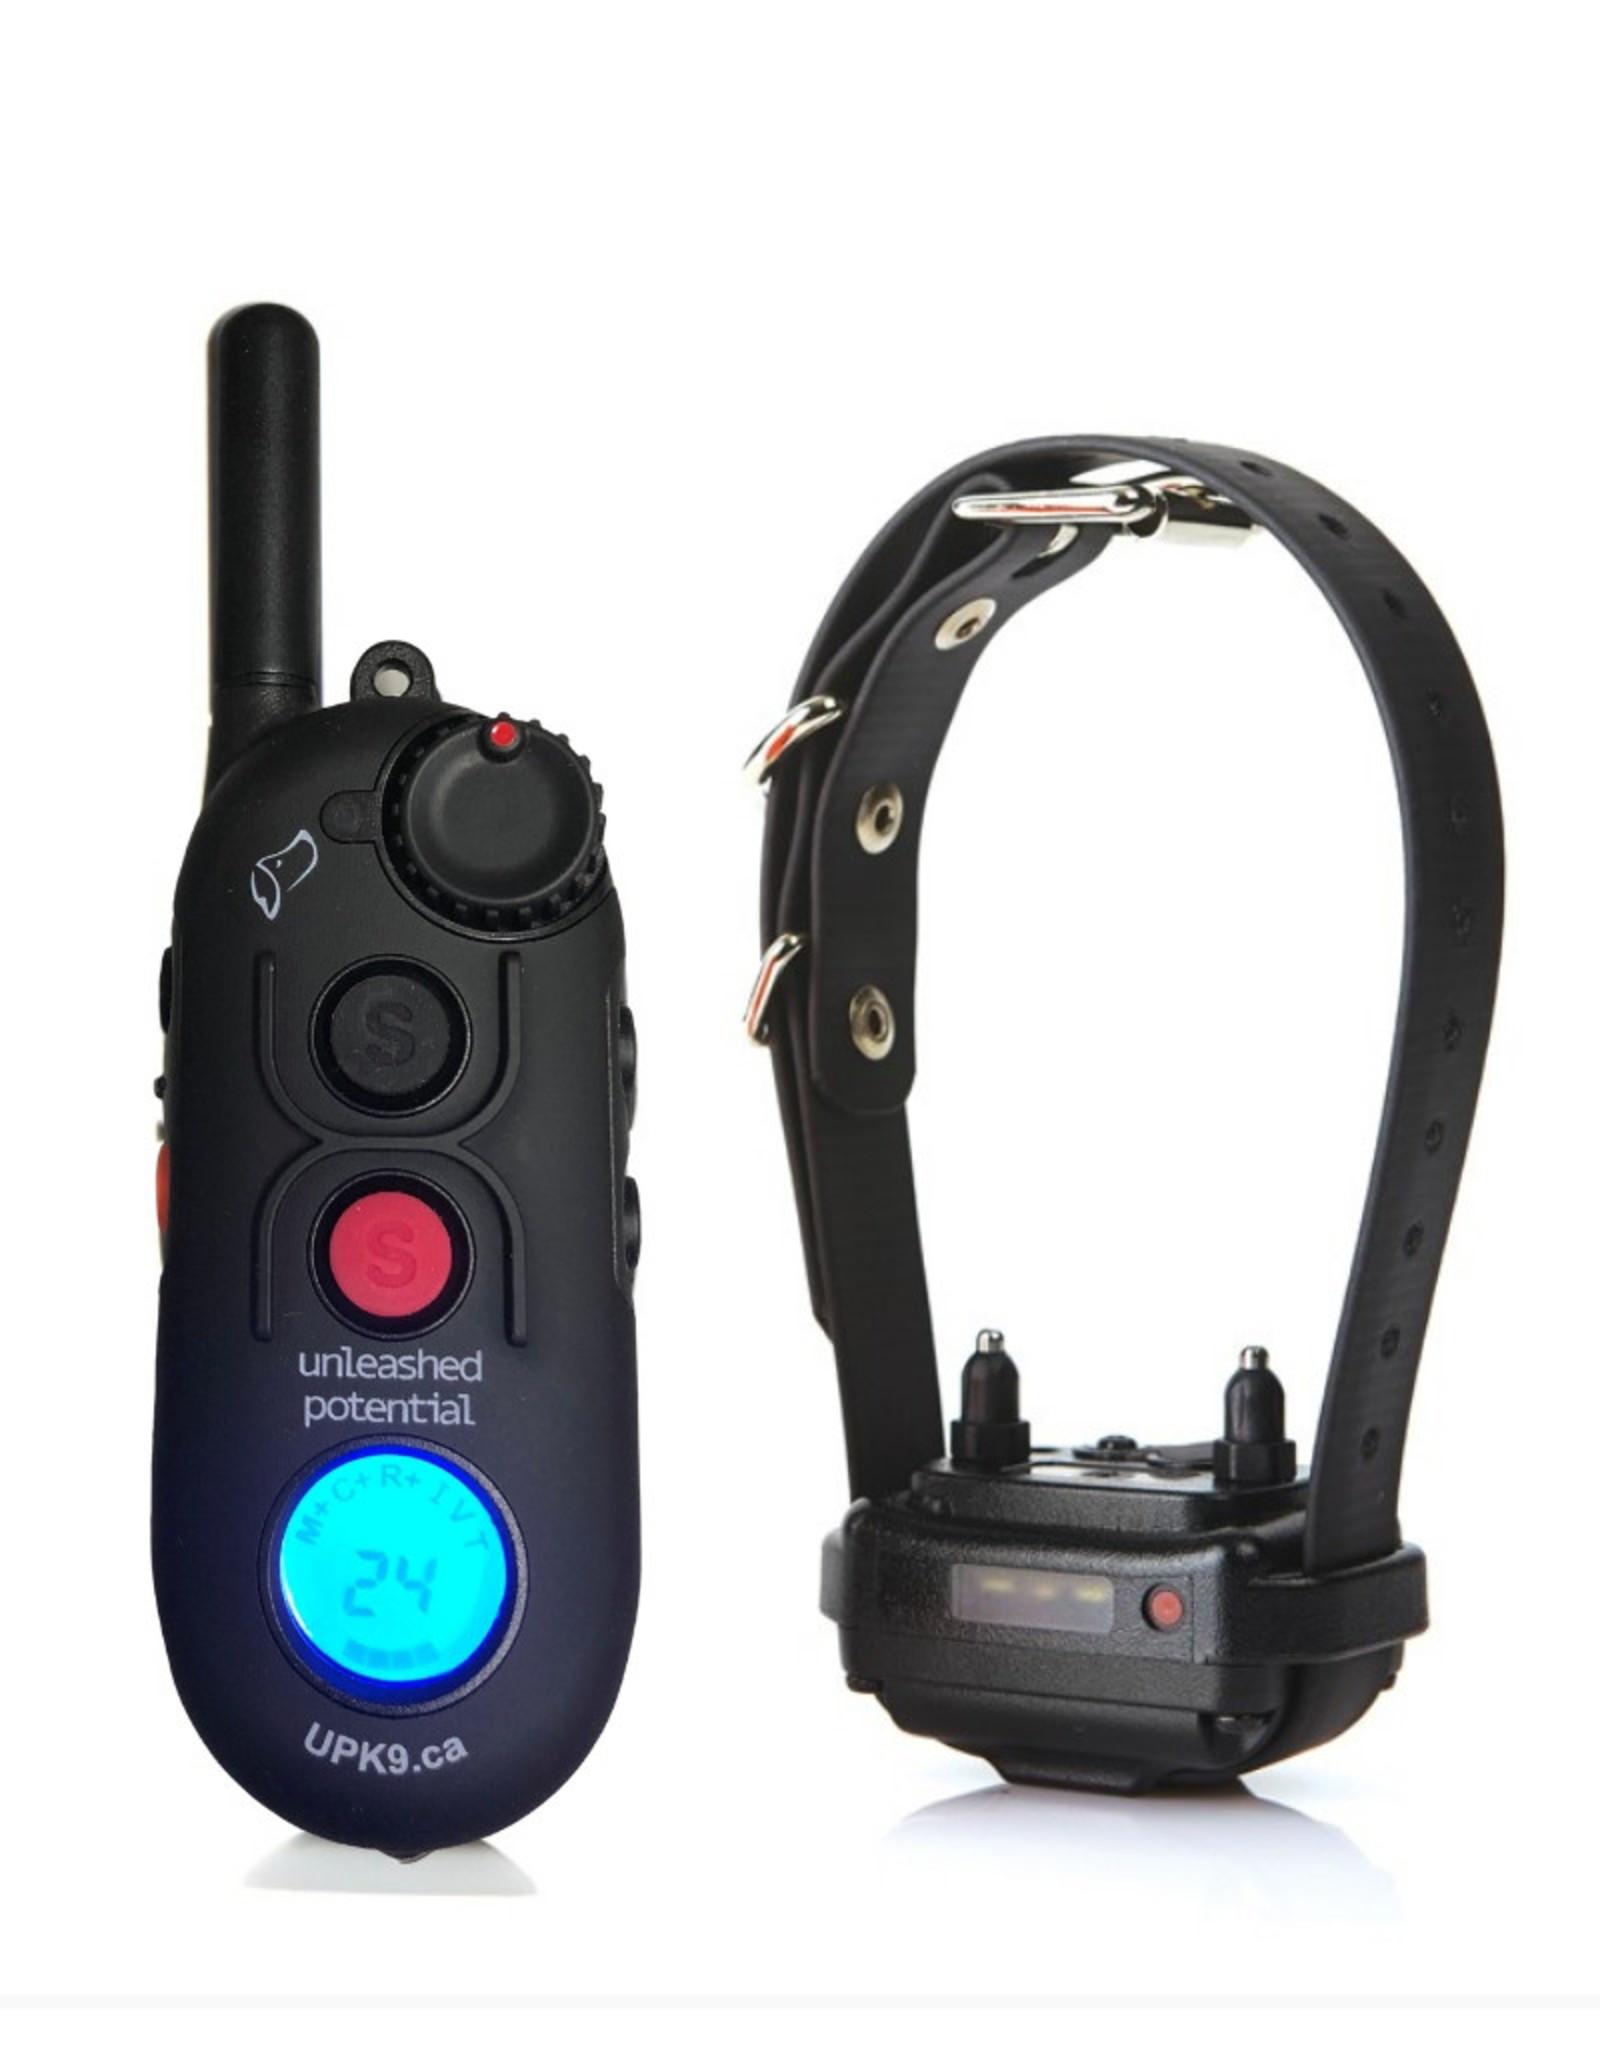 E-Collar Technologies Pro Educator 900 1/2 Mile Remote Trainer